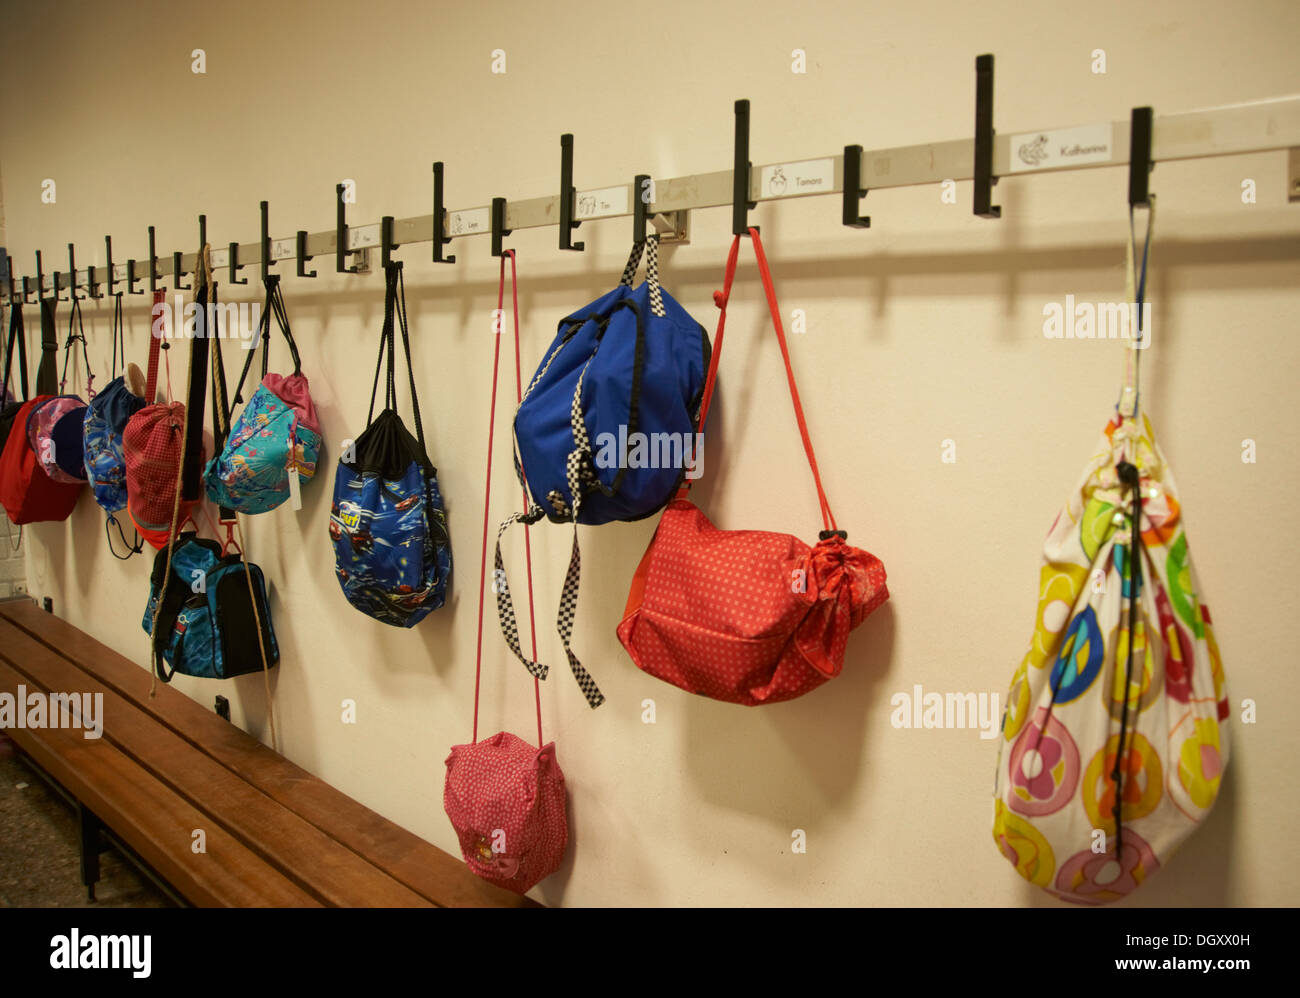 Armario en el pasillo de la escuela con bolsas de deporte suspendido Foto de stock